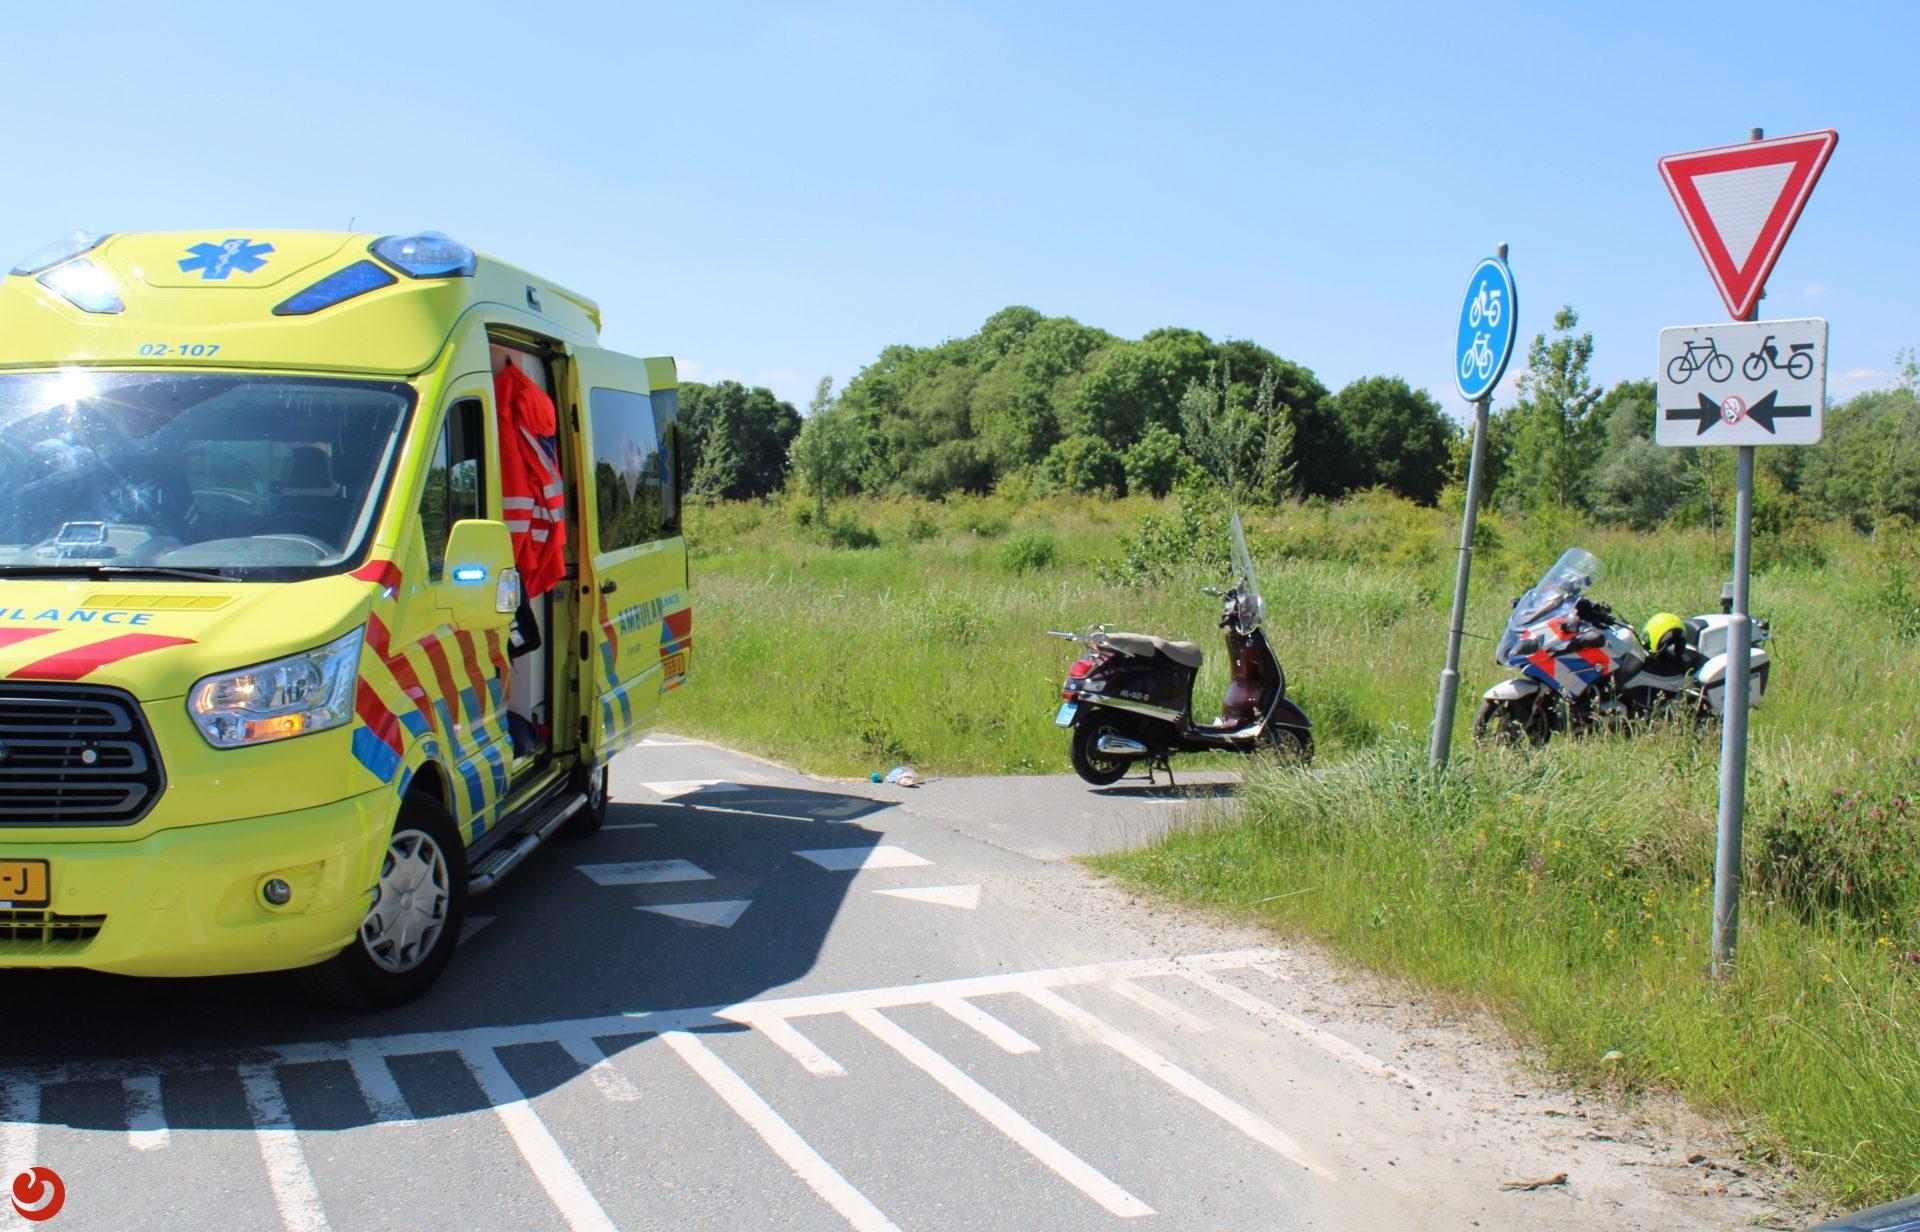 Flinke botsing tussen fietser en snorscooter in Deventer, twee gewonden naar het ziekenhuis.